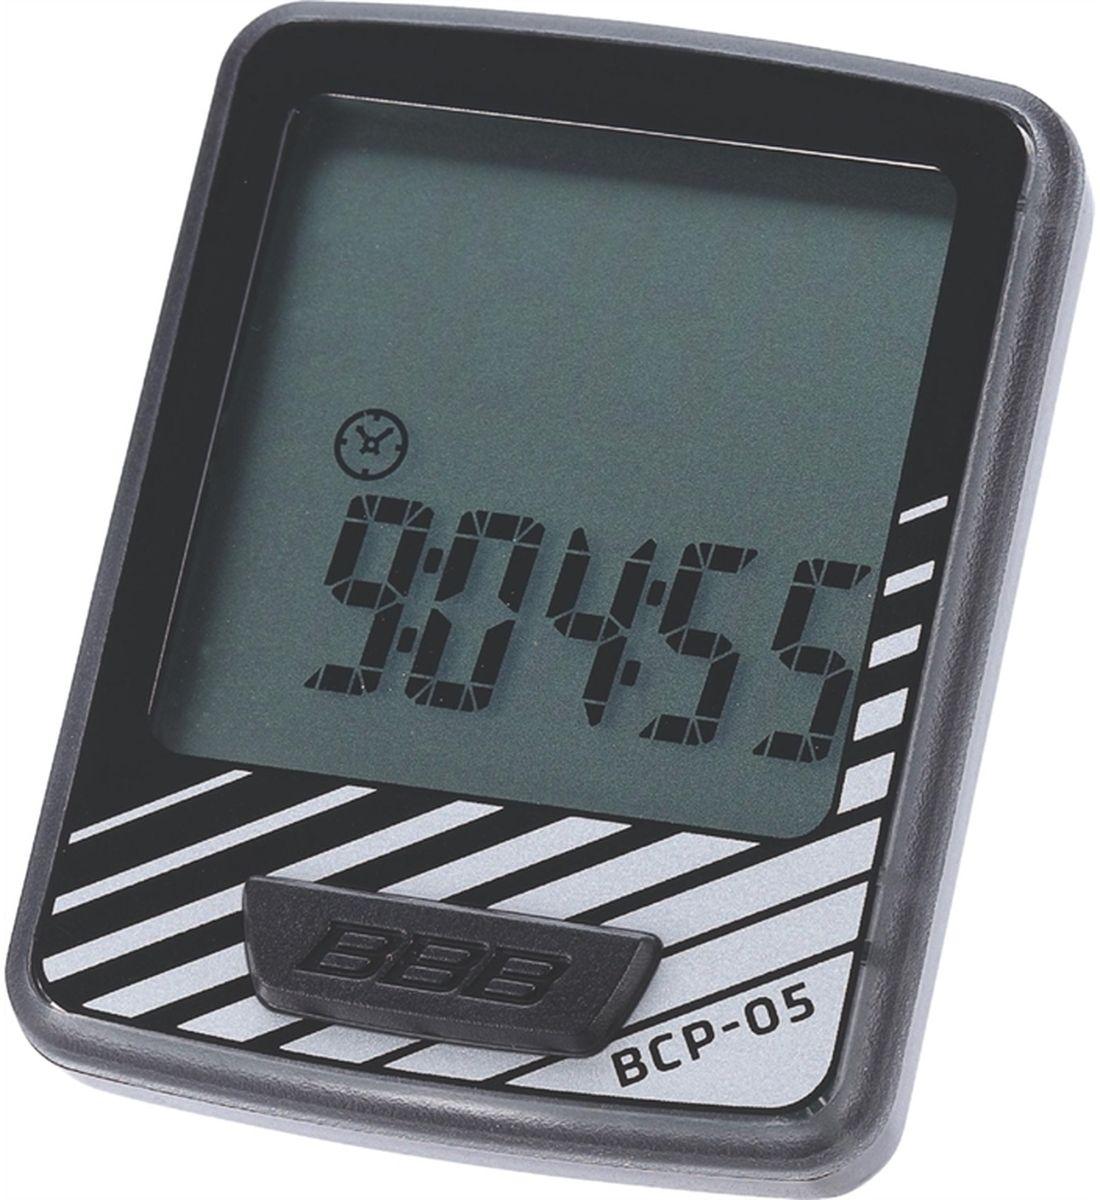 Велокомпьютер BBB DashBoard, цвет: черный, серый, 7 функцийBCP-05Велокомпьютер BBB DashBoard стал, в своем роде, образцом для подражания. Появившись как простой и небольшой велокомпьютер с большим и легкочитаемым экраном, он эволюционировал в любимый прибор велосипедистов, которым нужна простая в использовании вещь без тысячи лишних функций. Общий размер велокомпьютера имеет небольшой размер за счет верхней части корпуса. Размер экрана 32 х 32 мм, позволяющие легко считывать информацию. Управление одной кнопкой.Функции:Текущая скоростьРасстояние поездкиОдометрЧасыАвтоматический переход функцийАвто старт/стопИндикатор низкого заряда батареи.Особенности:Легко читаемый полноразмерный дисплей.Удобное управление с помощью одной кнопки.Компьютер может быть установлен на руле и выносе.Водонепроницаемый корпус.Батарейка в комплекте.Гид по велоаксессуарам. Статья OZON Гид